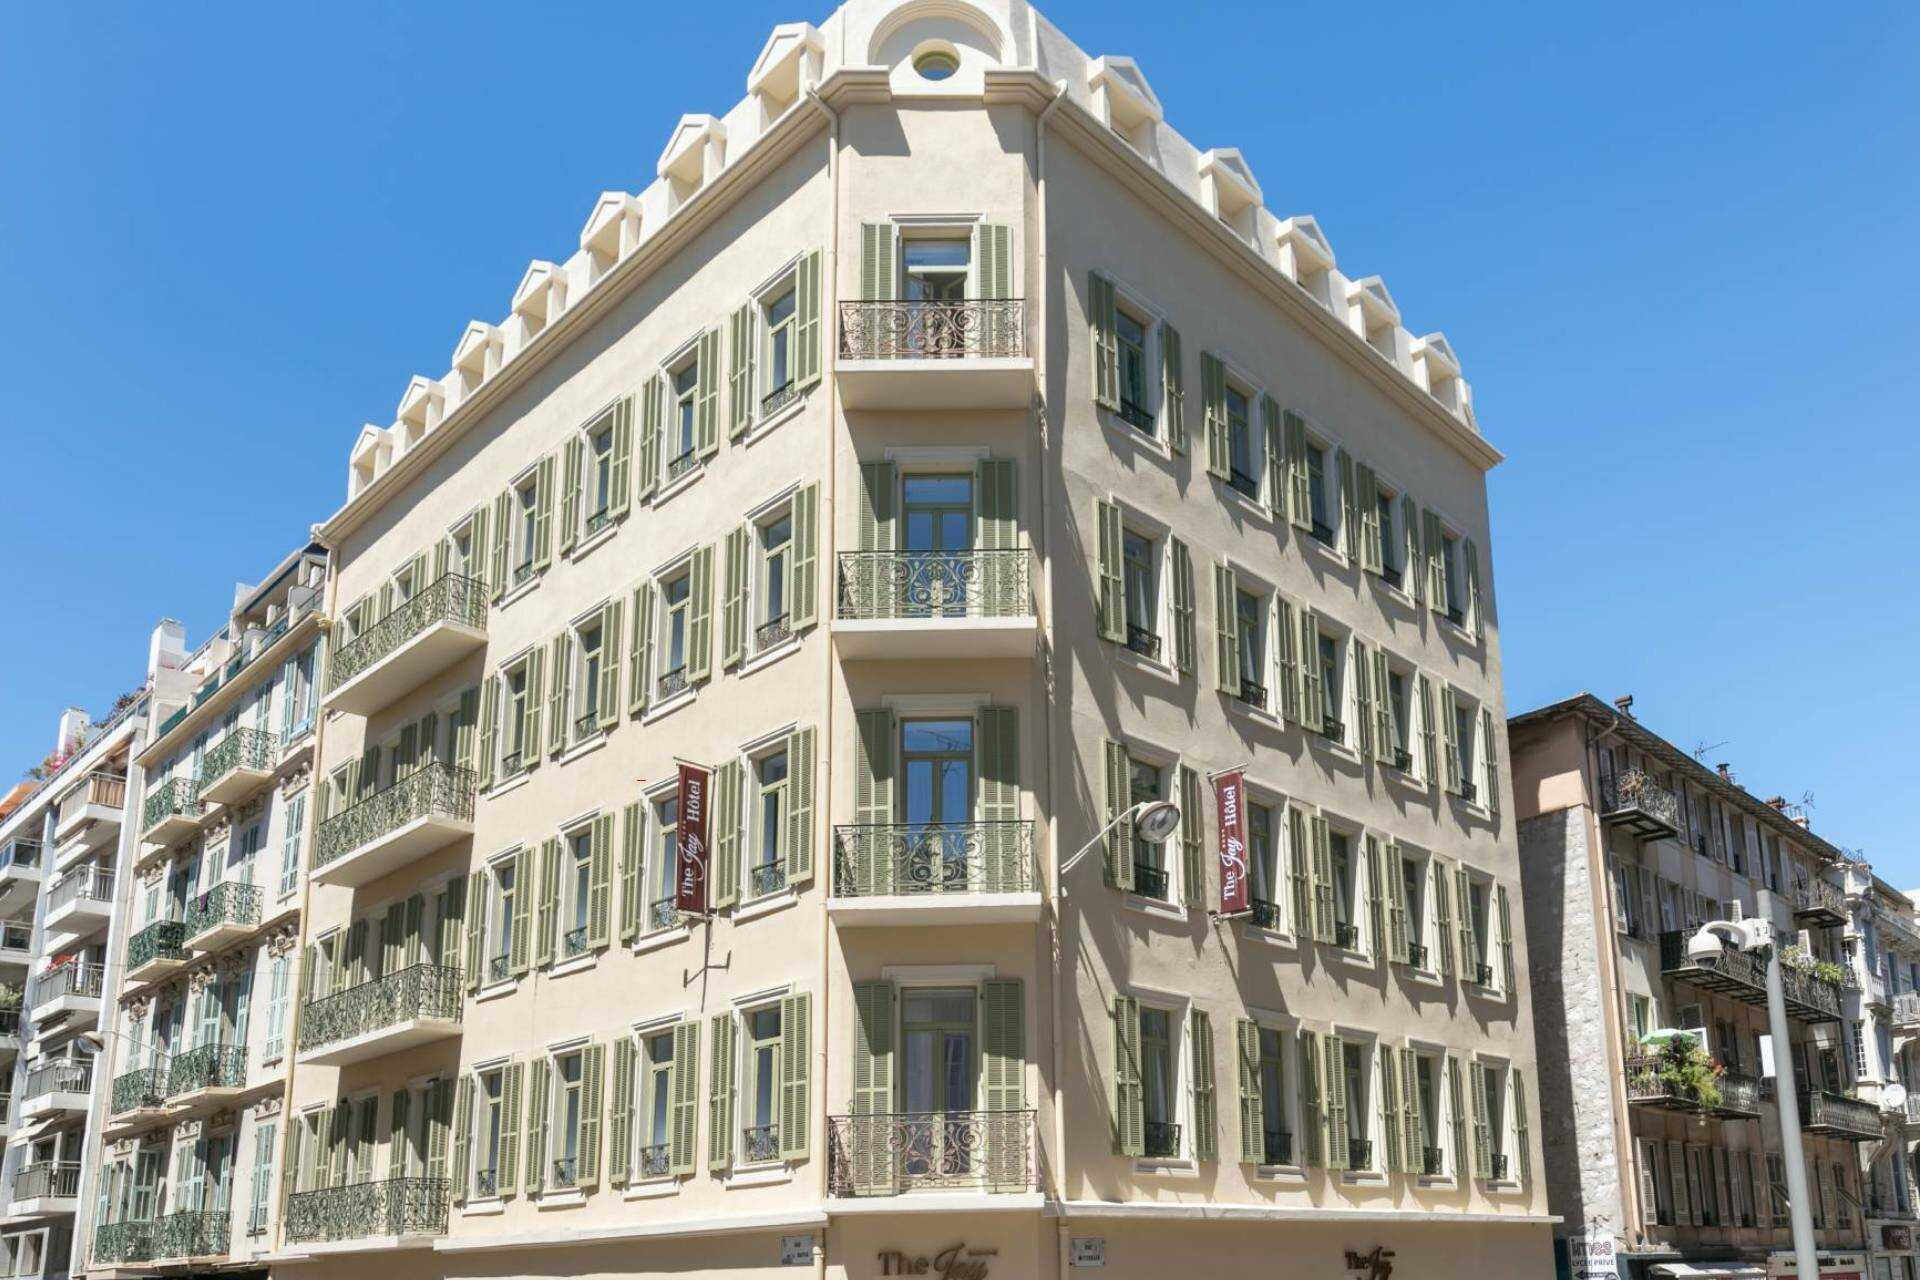 hotel_jay_by_happyculture_facade_nice.jpg